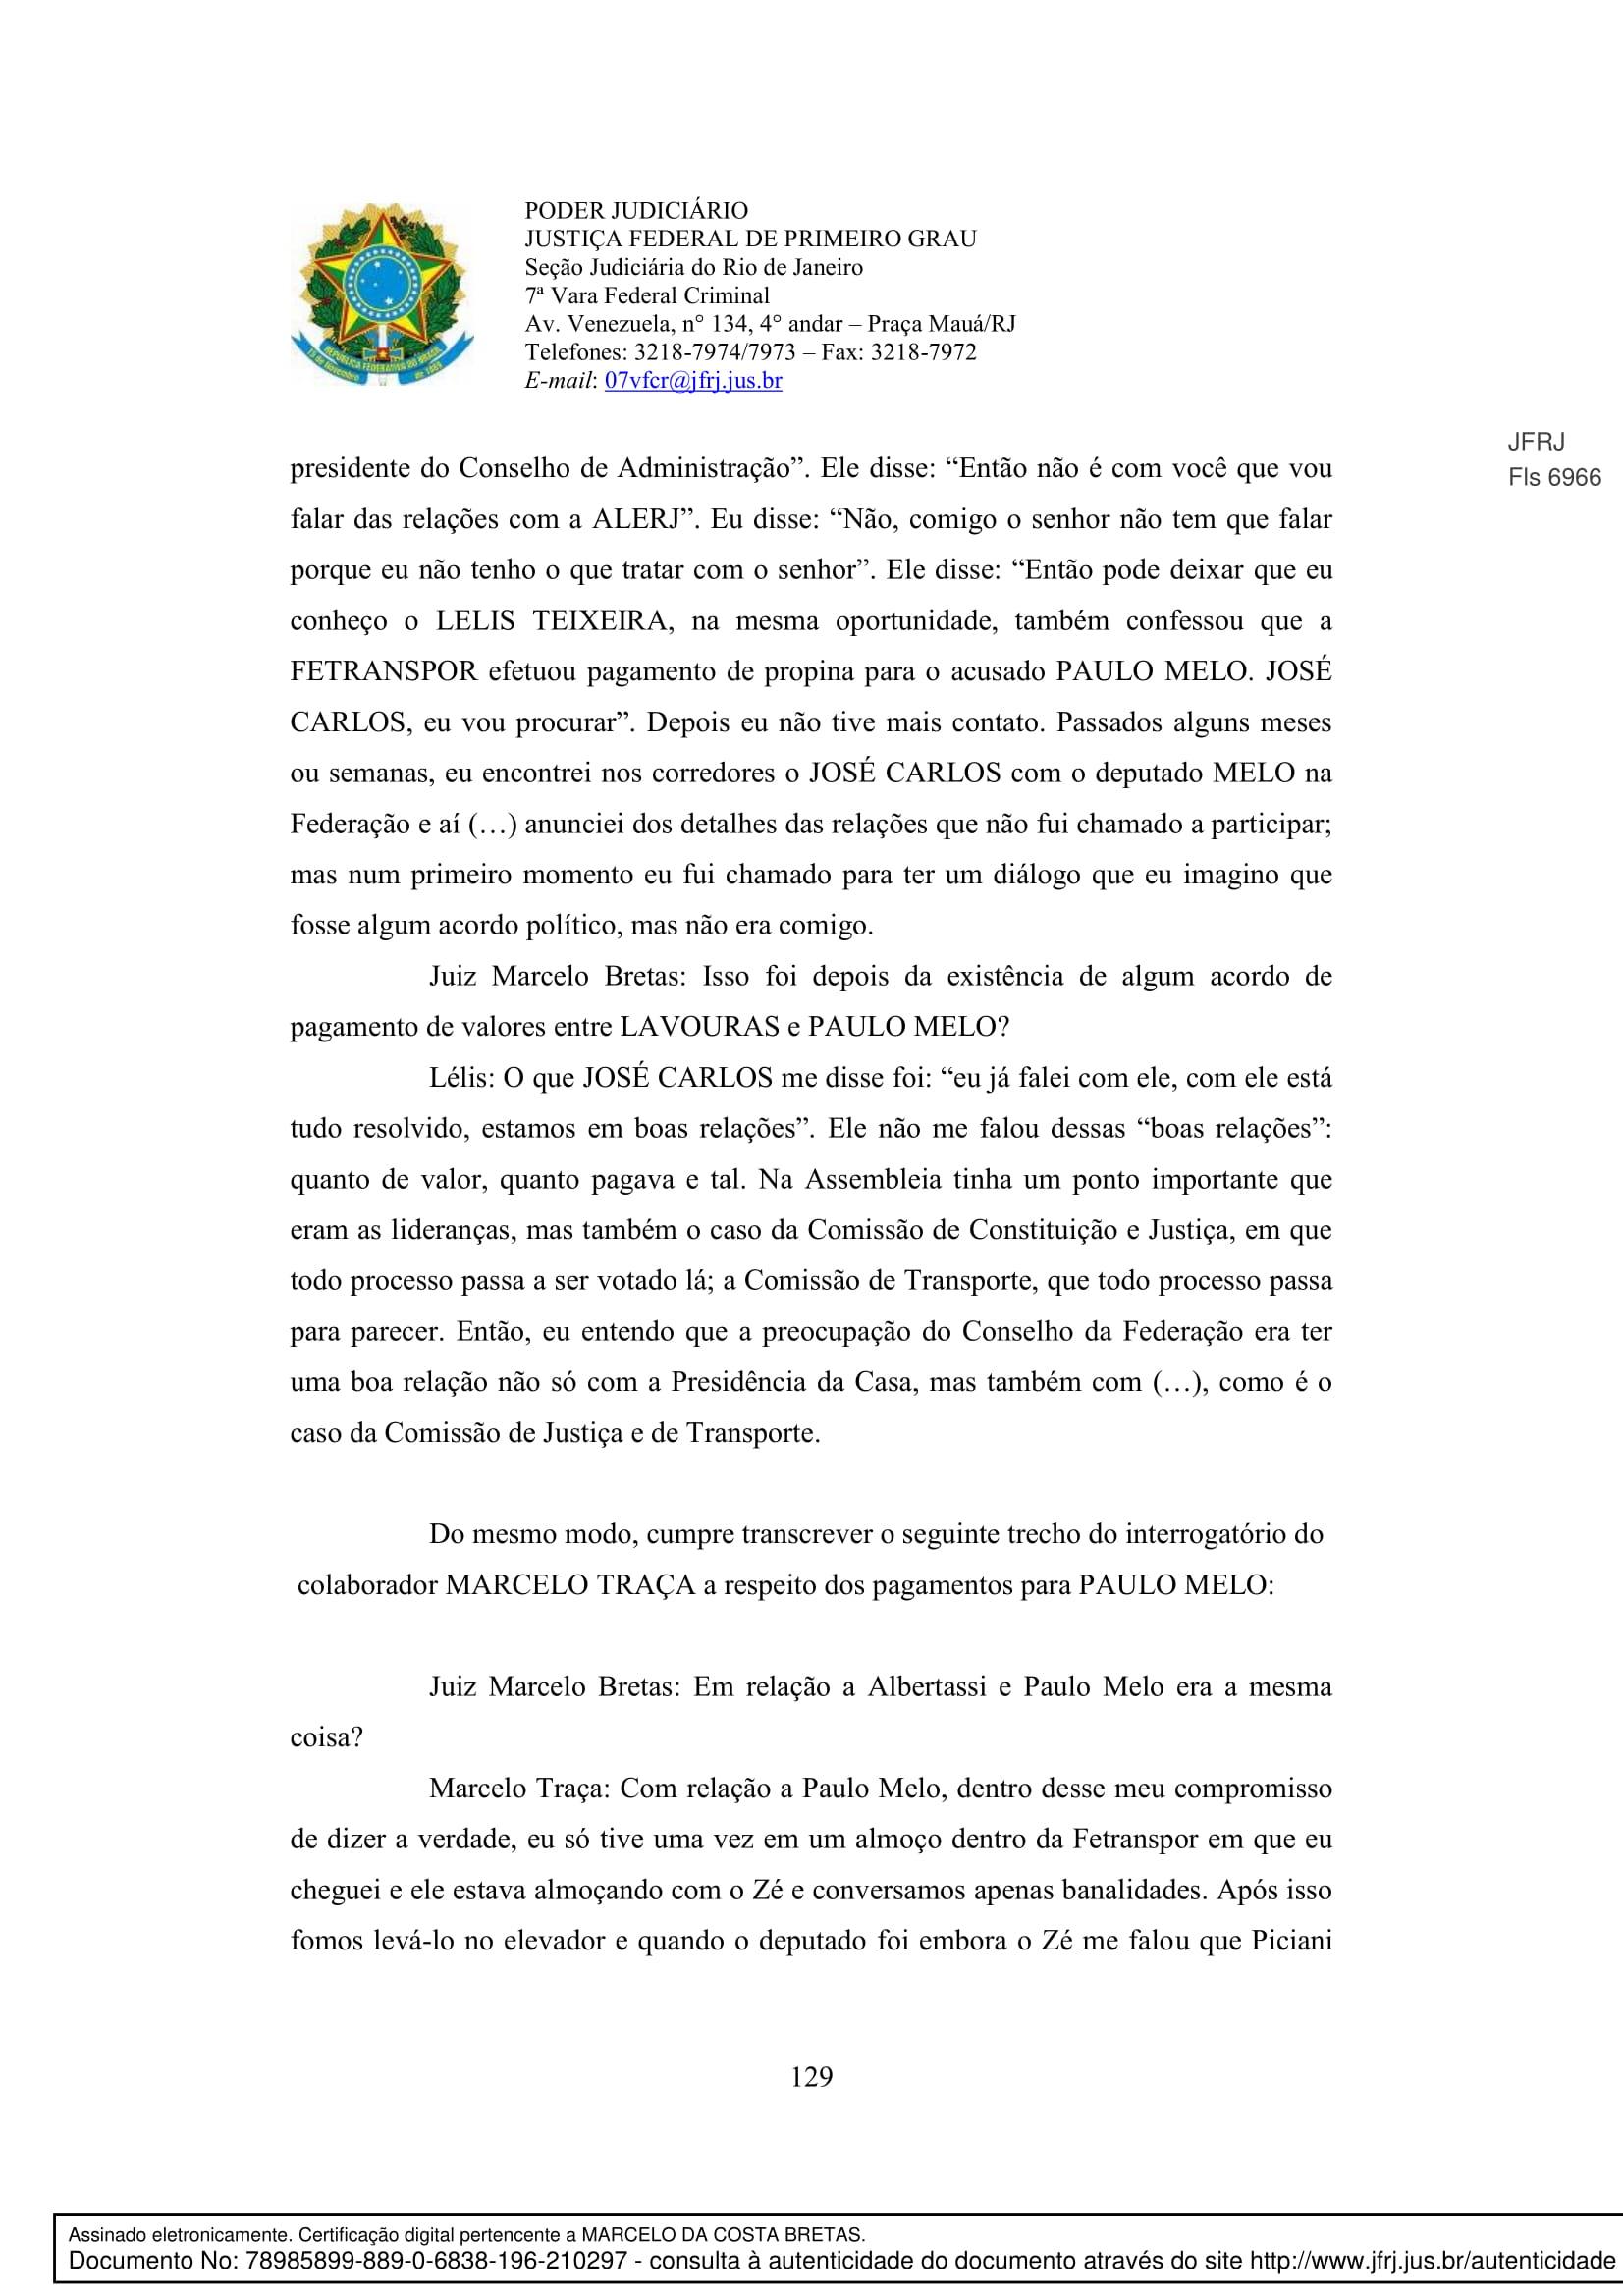 Sentenca-Cadeia-Velha-7VFC-129